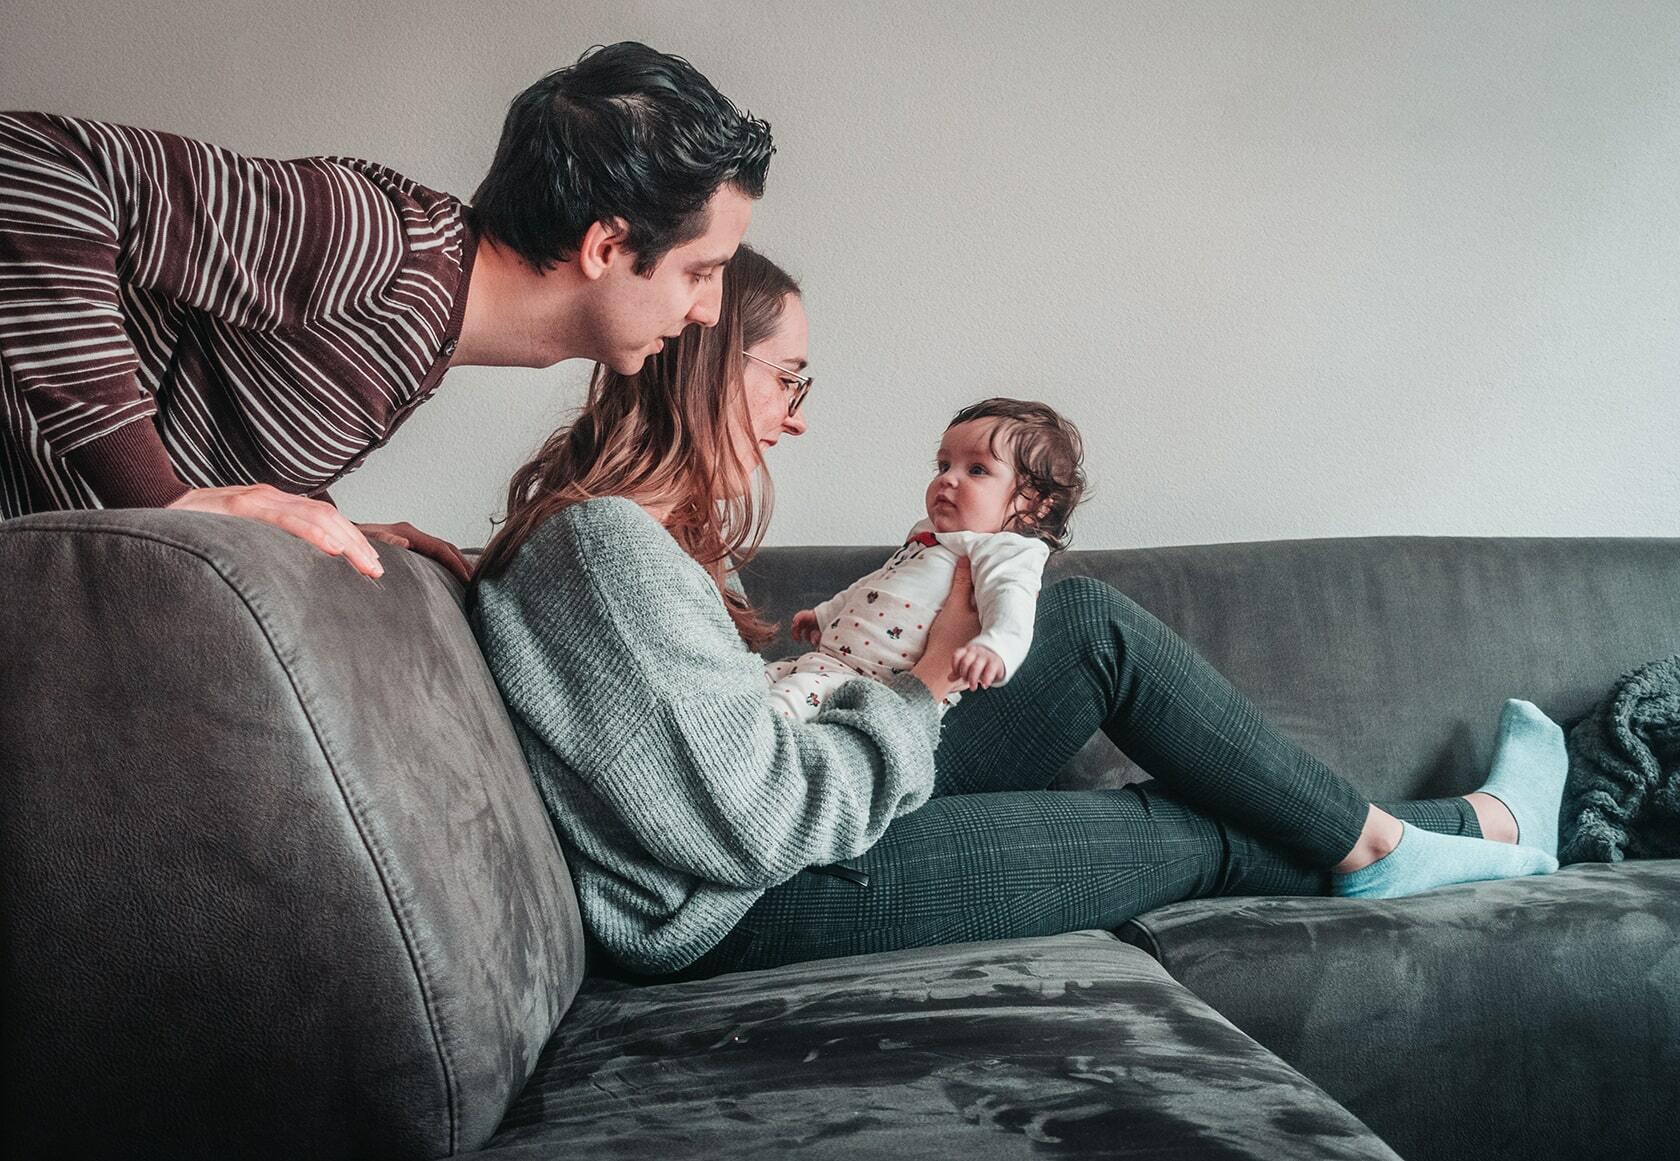 Foto van een gezin in de woonkamer uit fotografie collectie mensen van Simon Wijers